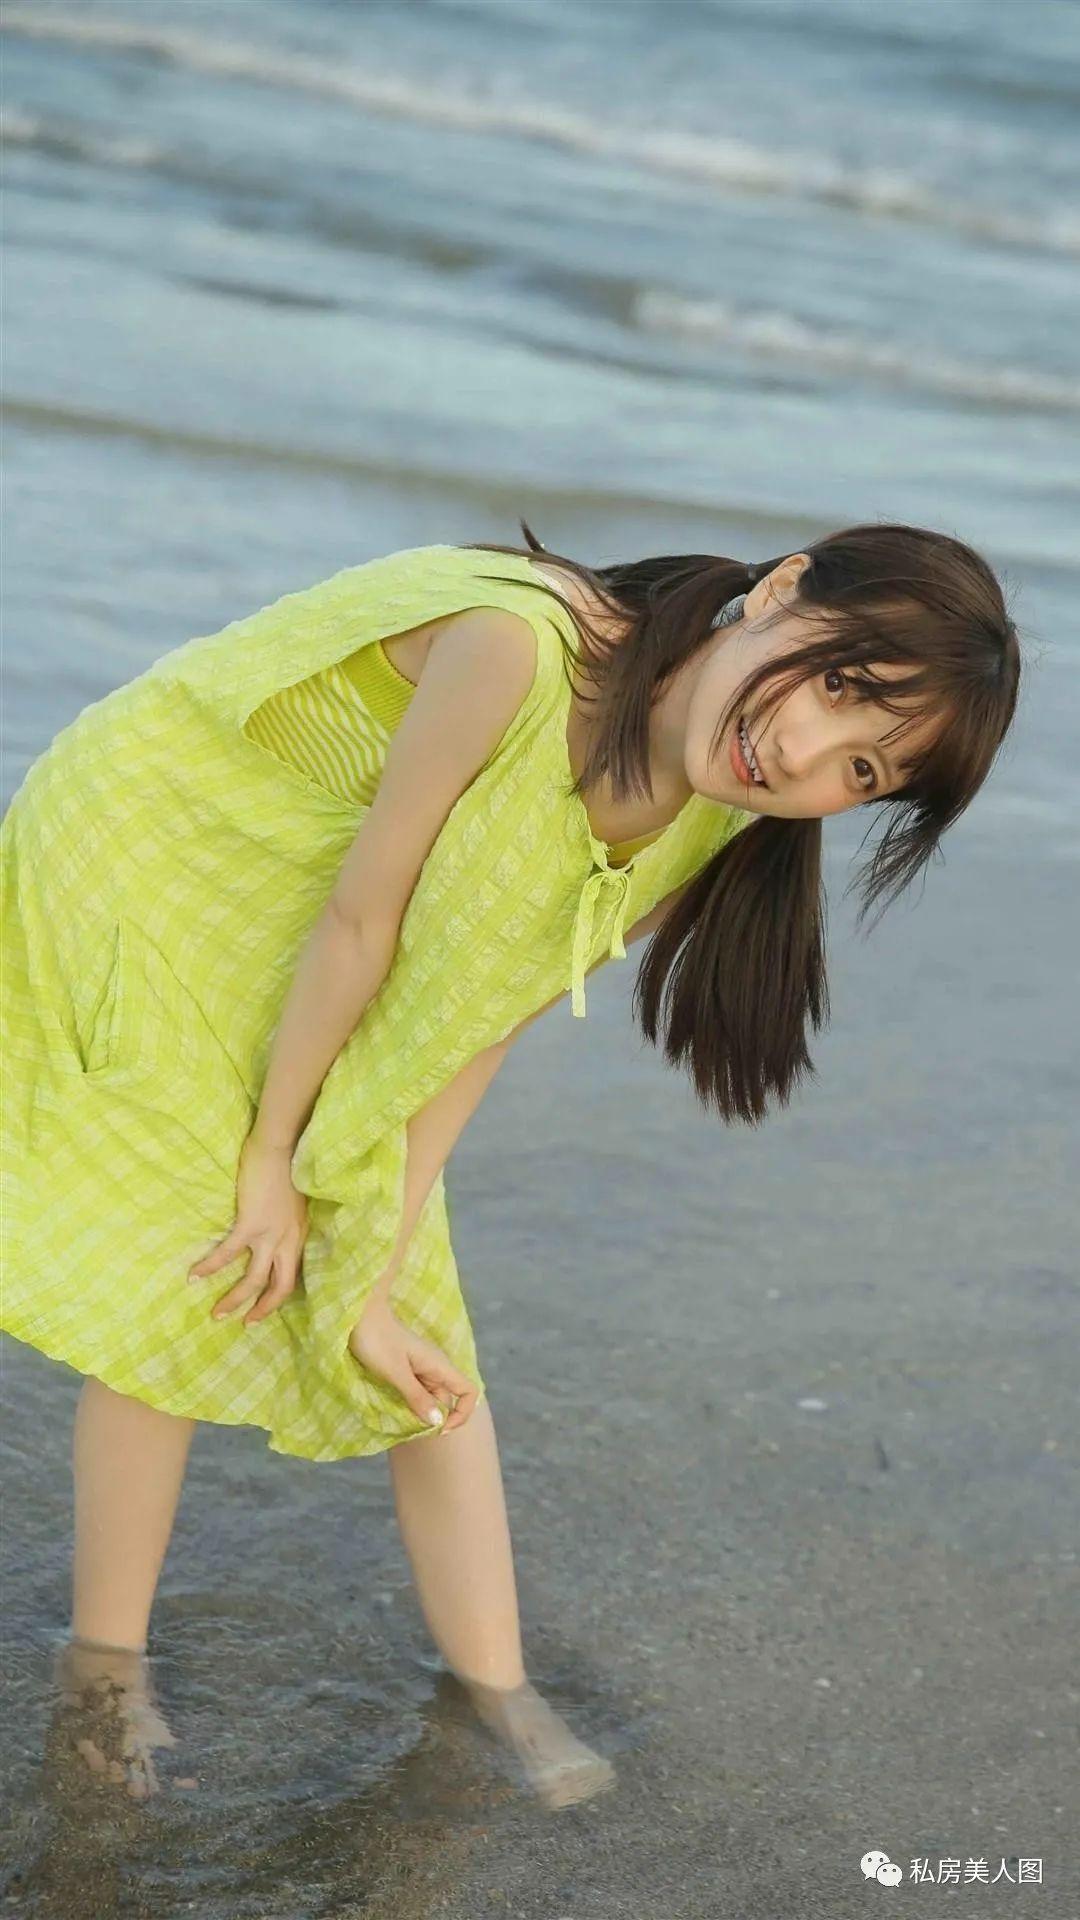 妹子摄影 – 双马尾连衣裙甜美少女的海边日记_图片 No.4